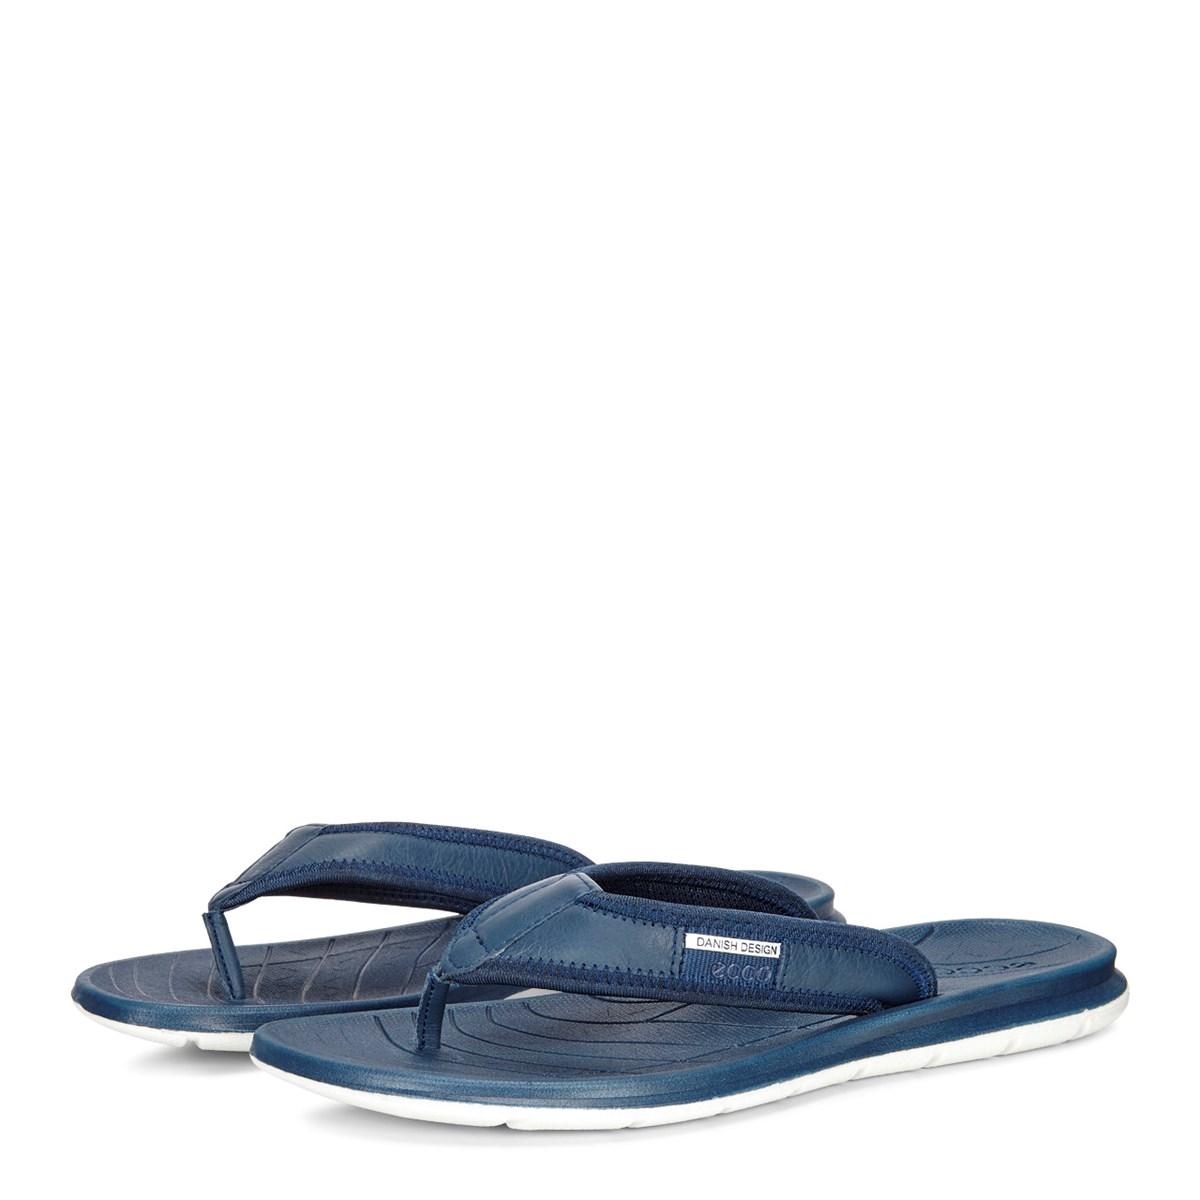 3567e4f4f Intrinsic - INTRINSIC TOFFEL MEN S - ECCO Shoes NZ